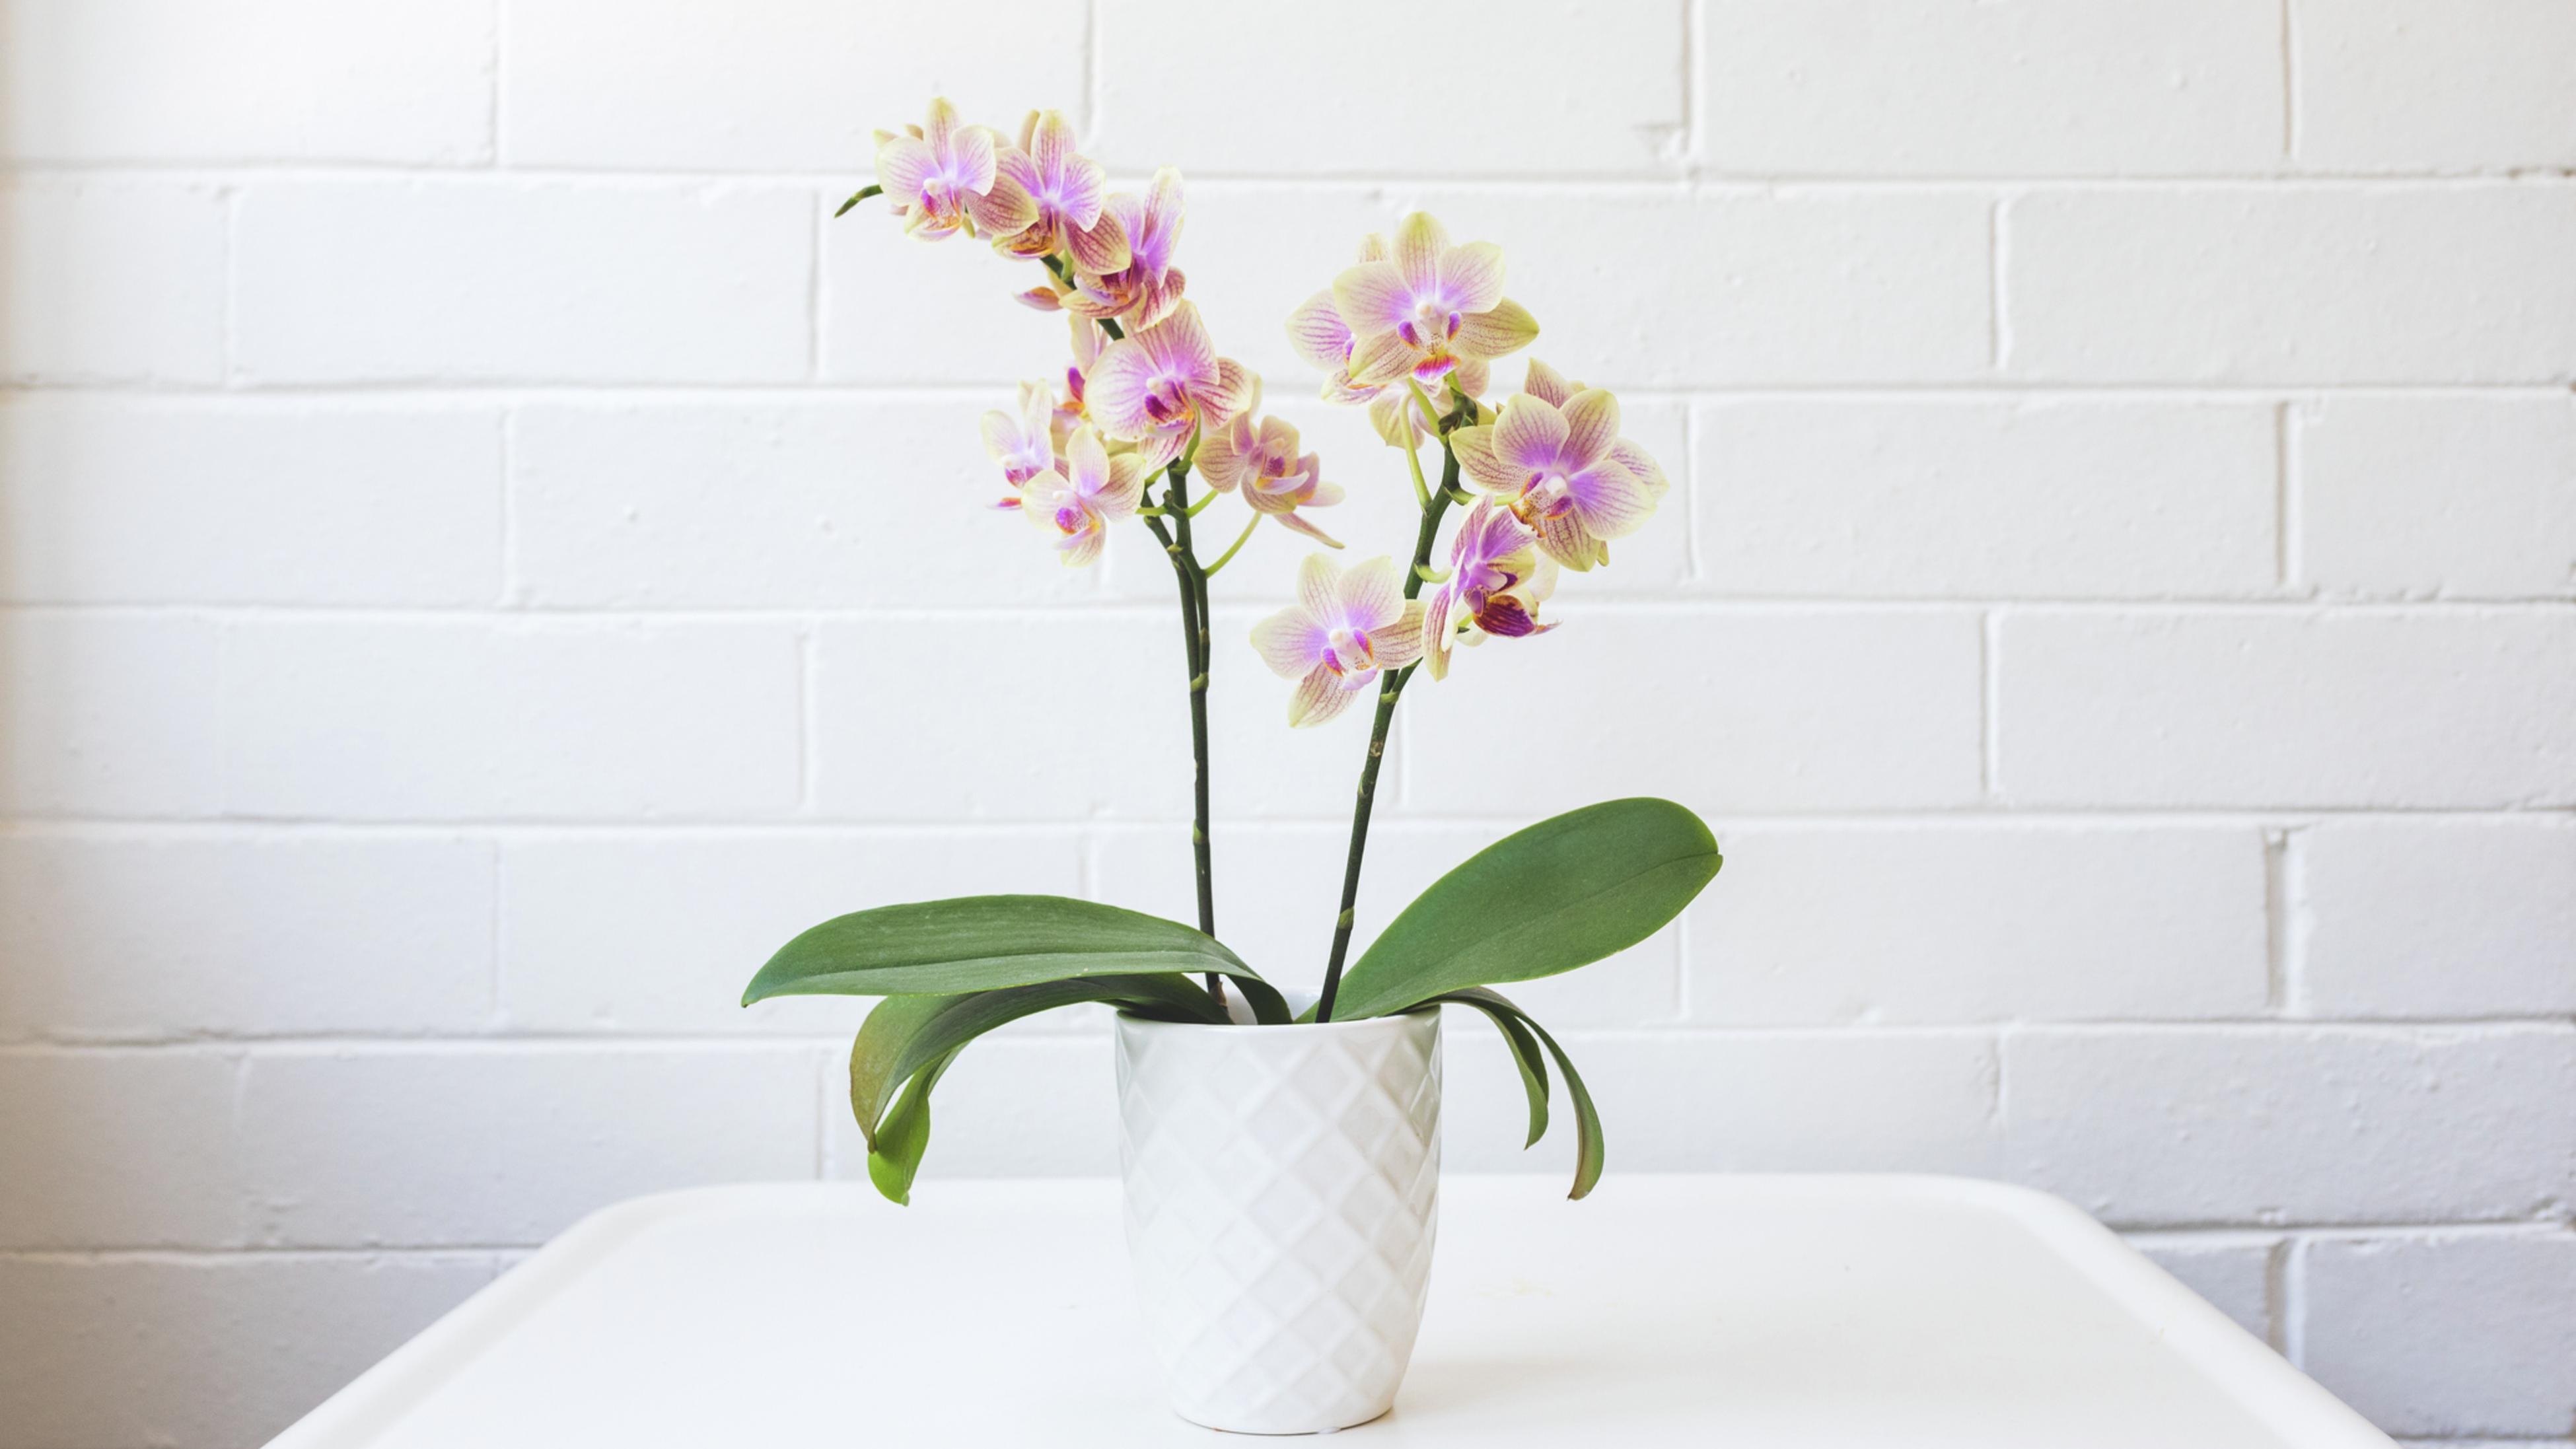 Phalaenopsis orchid (Phalaenopsis spp.)